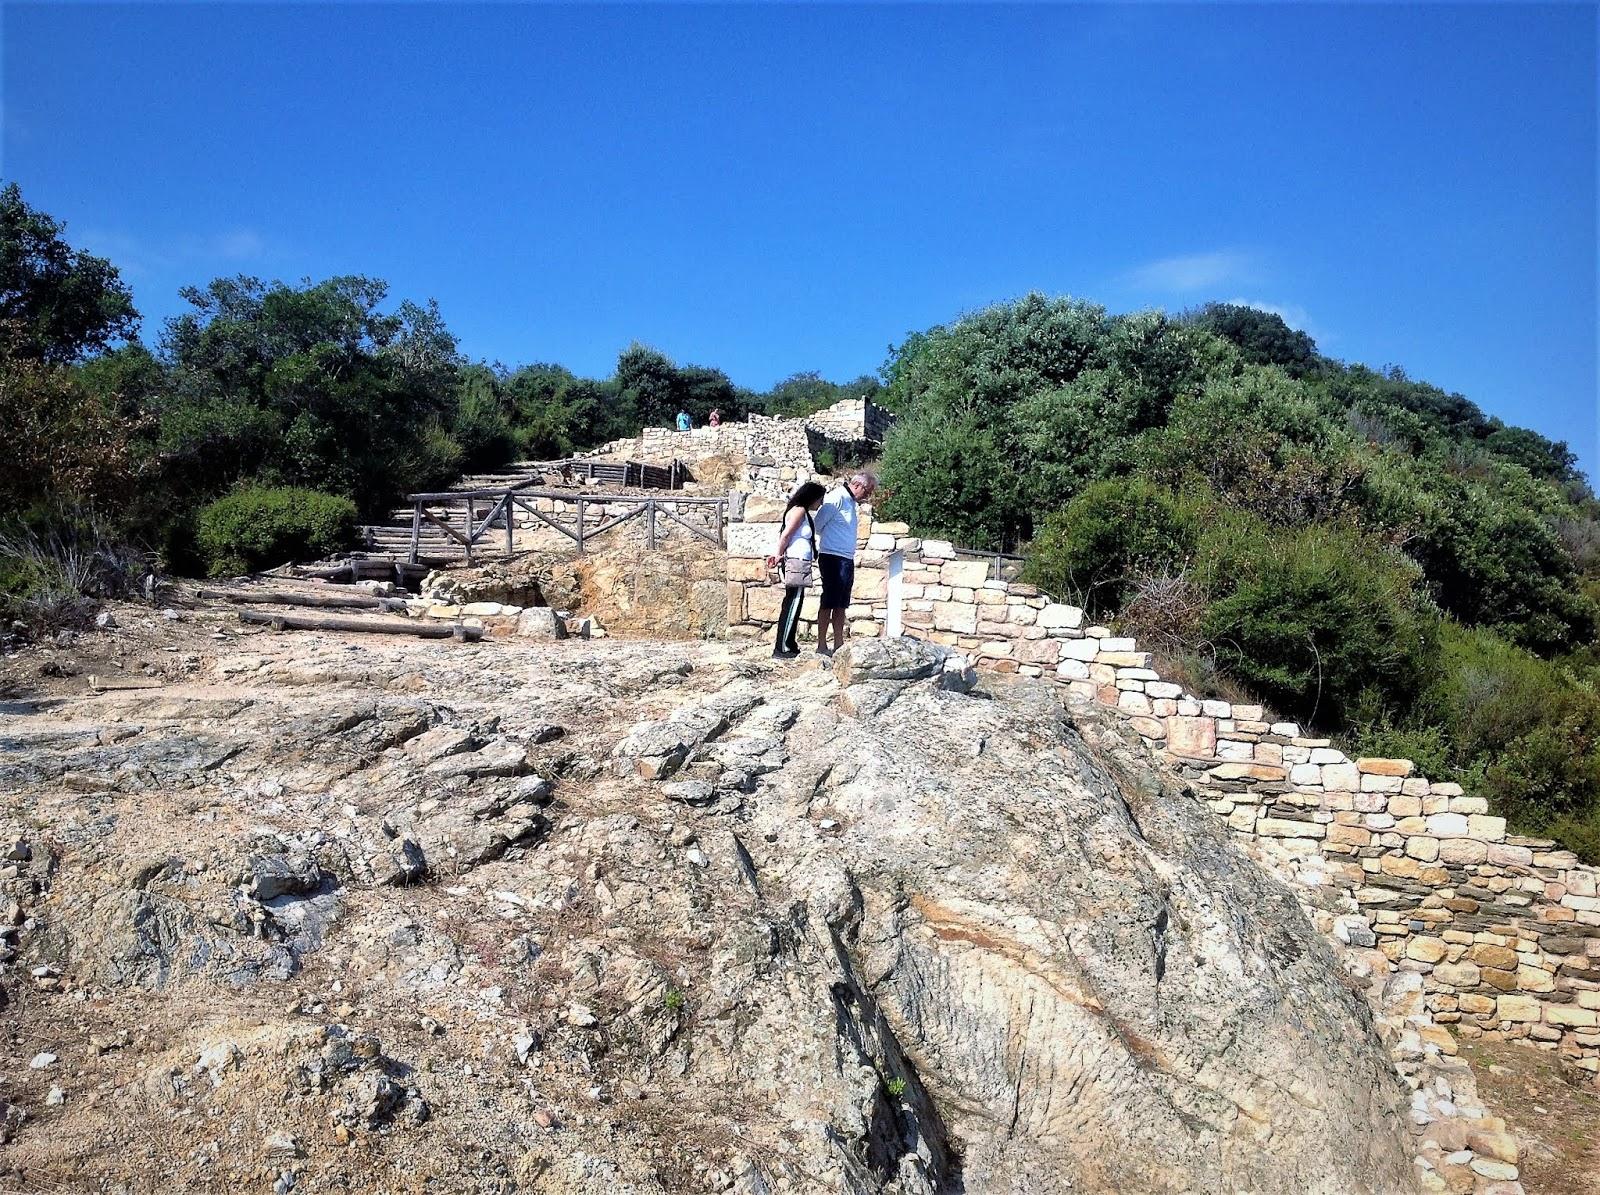 Βήμα – Βήμα η ποιοτική προσέλκυση ιταλικών τουριστικών γραφείων στην Ανατολική Χαλκιδική